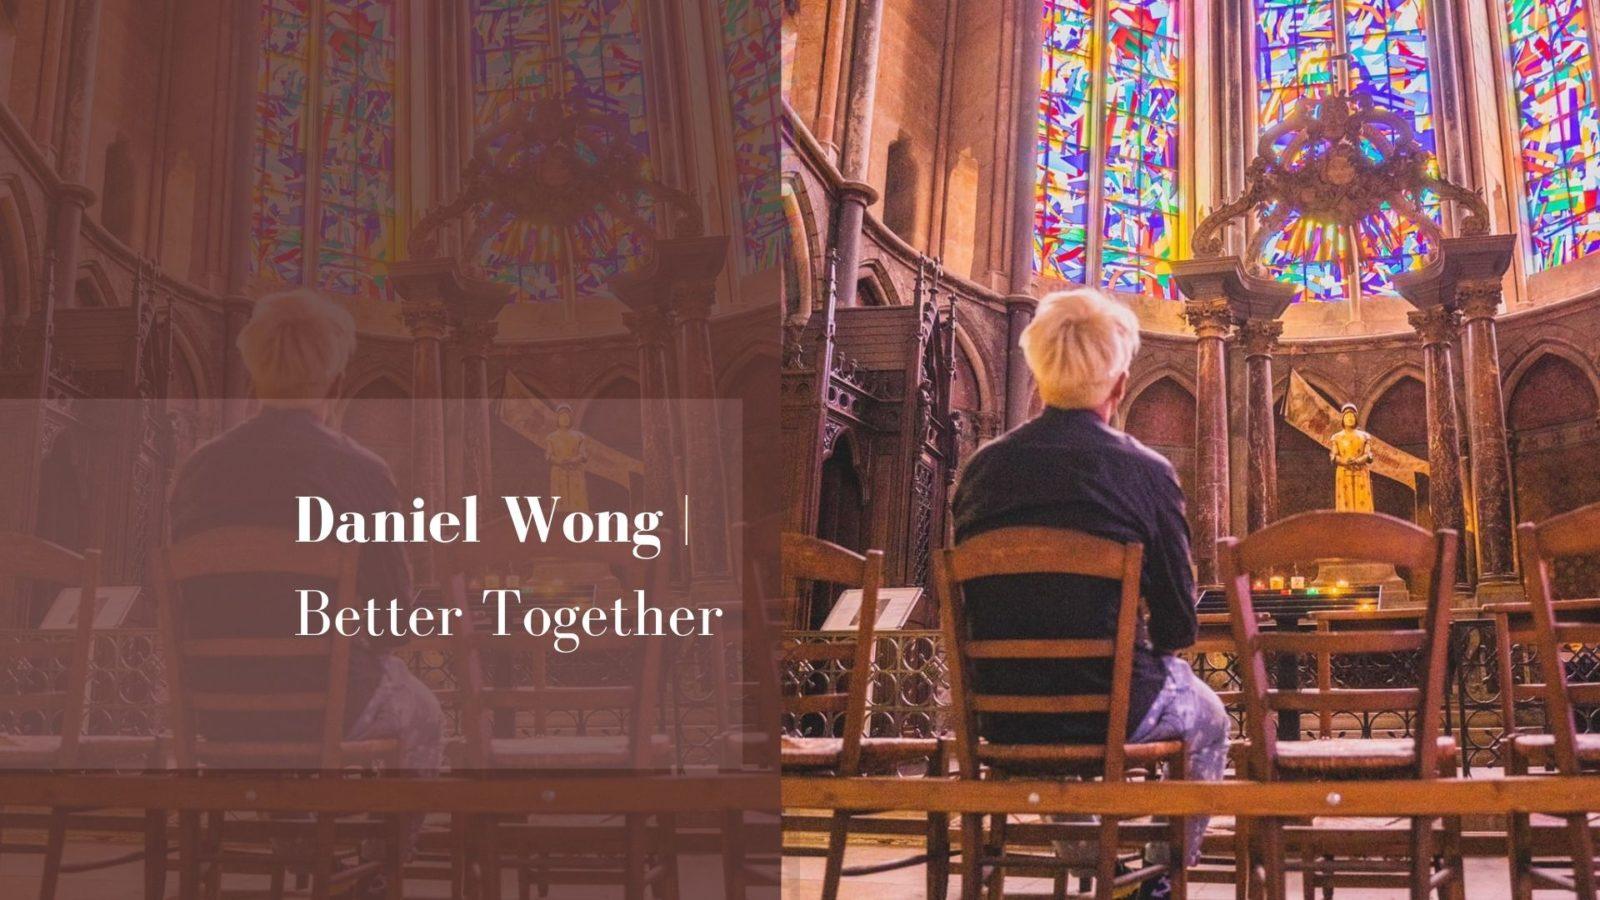 不見面,在一起 Better Together